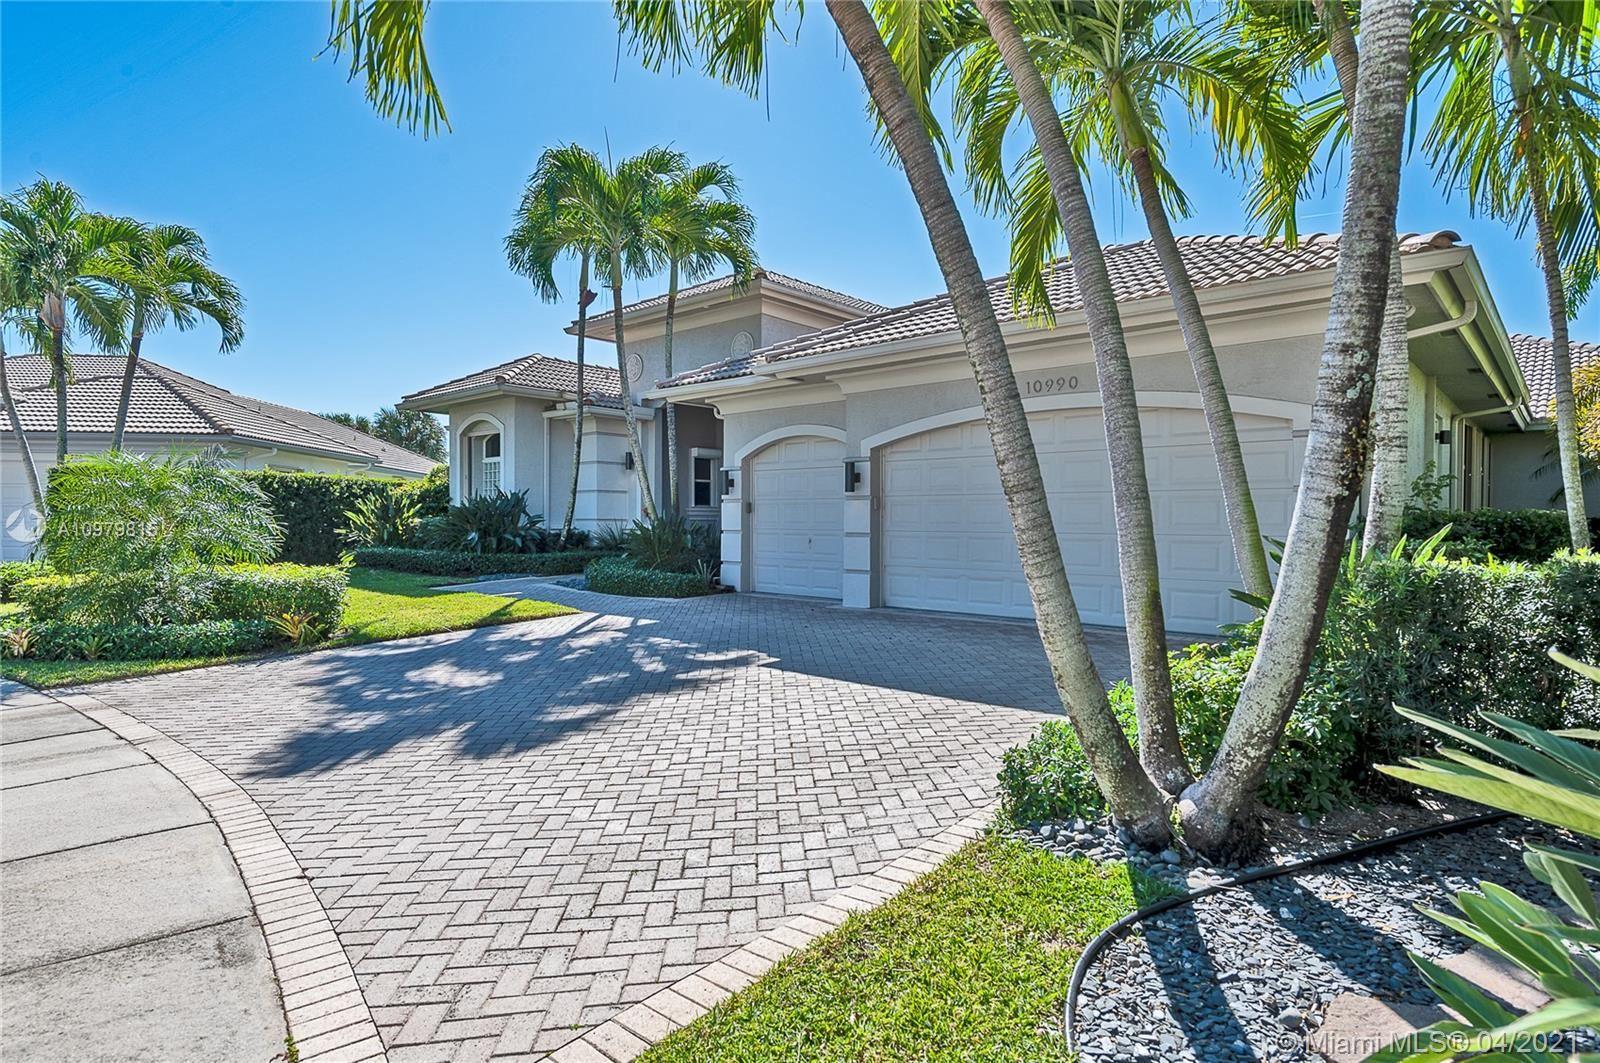 10990 Hawks Vista St, Plantation, FL 33324 - #: A10979815